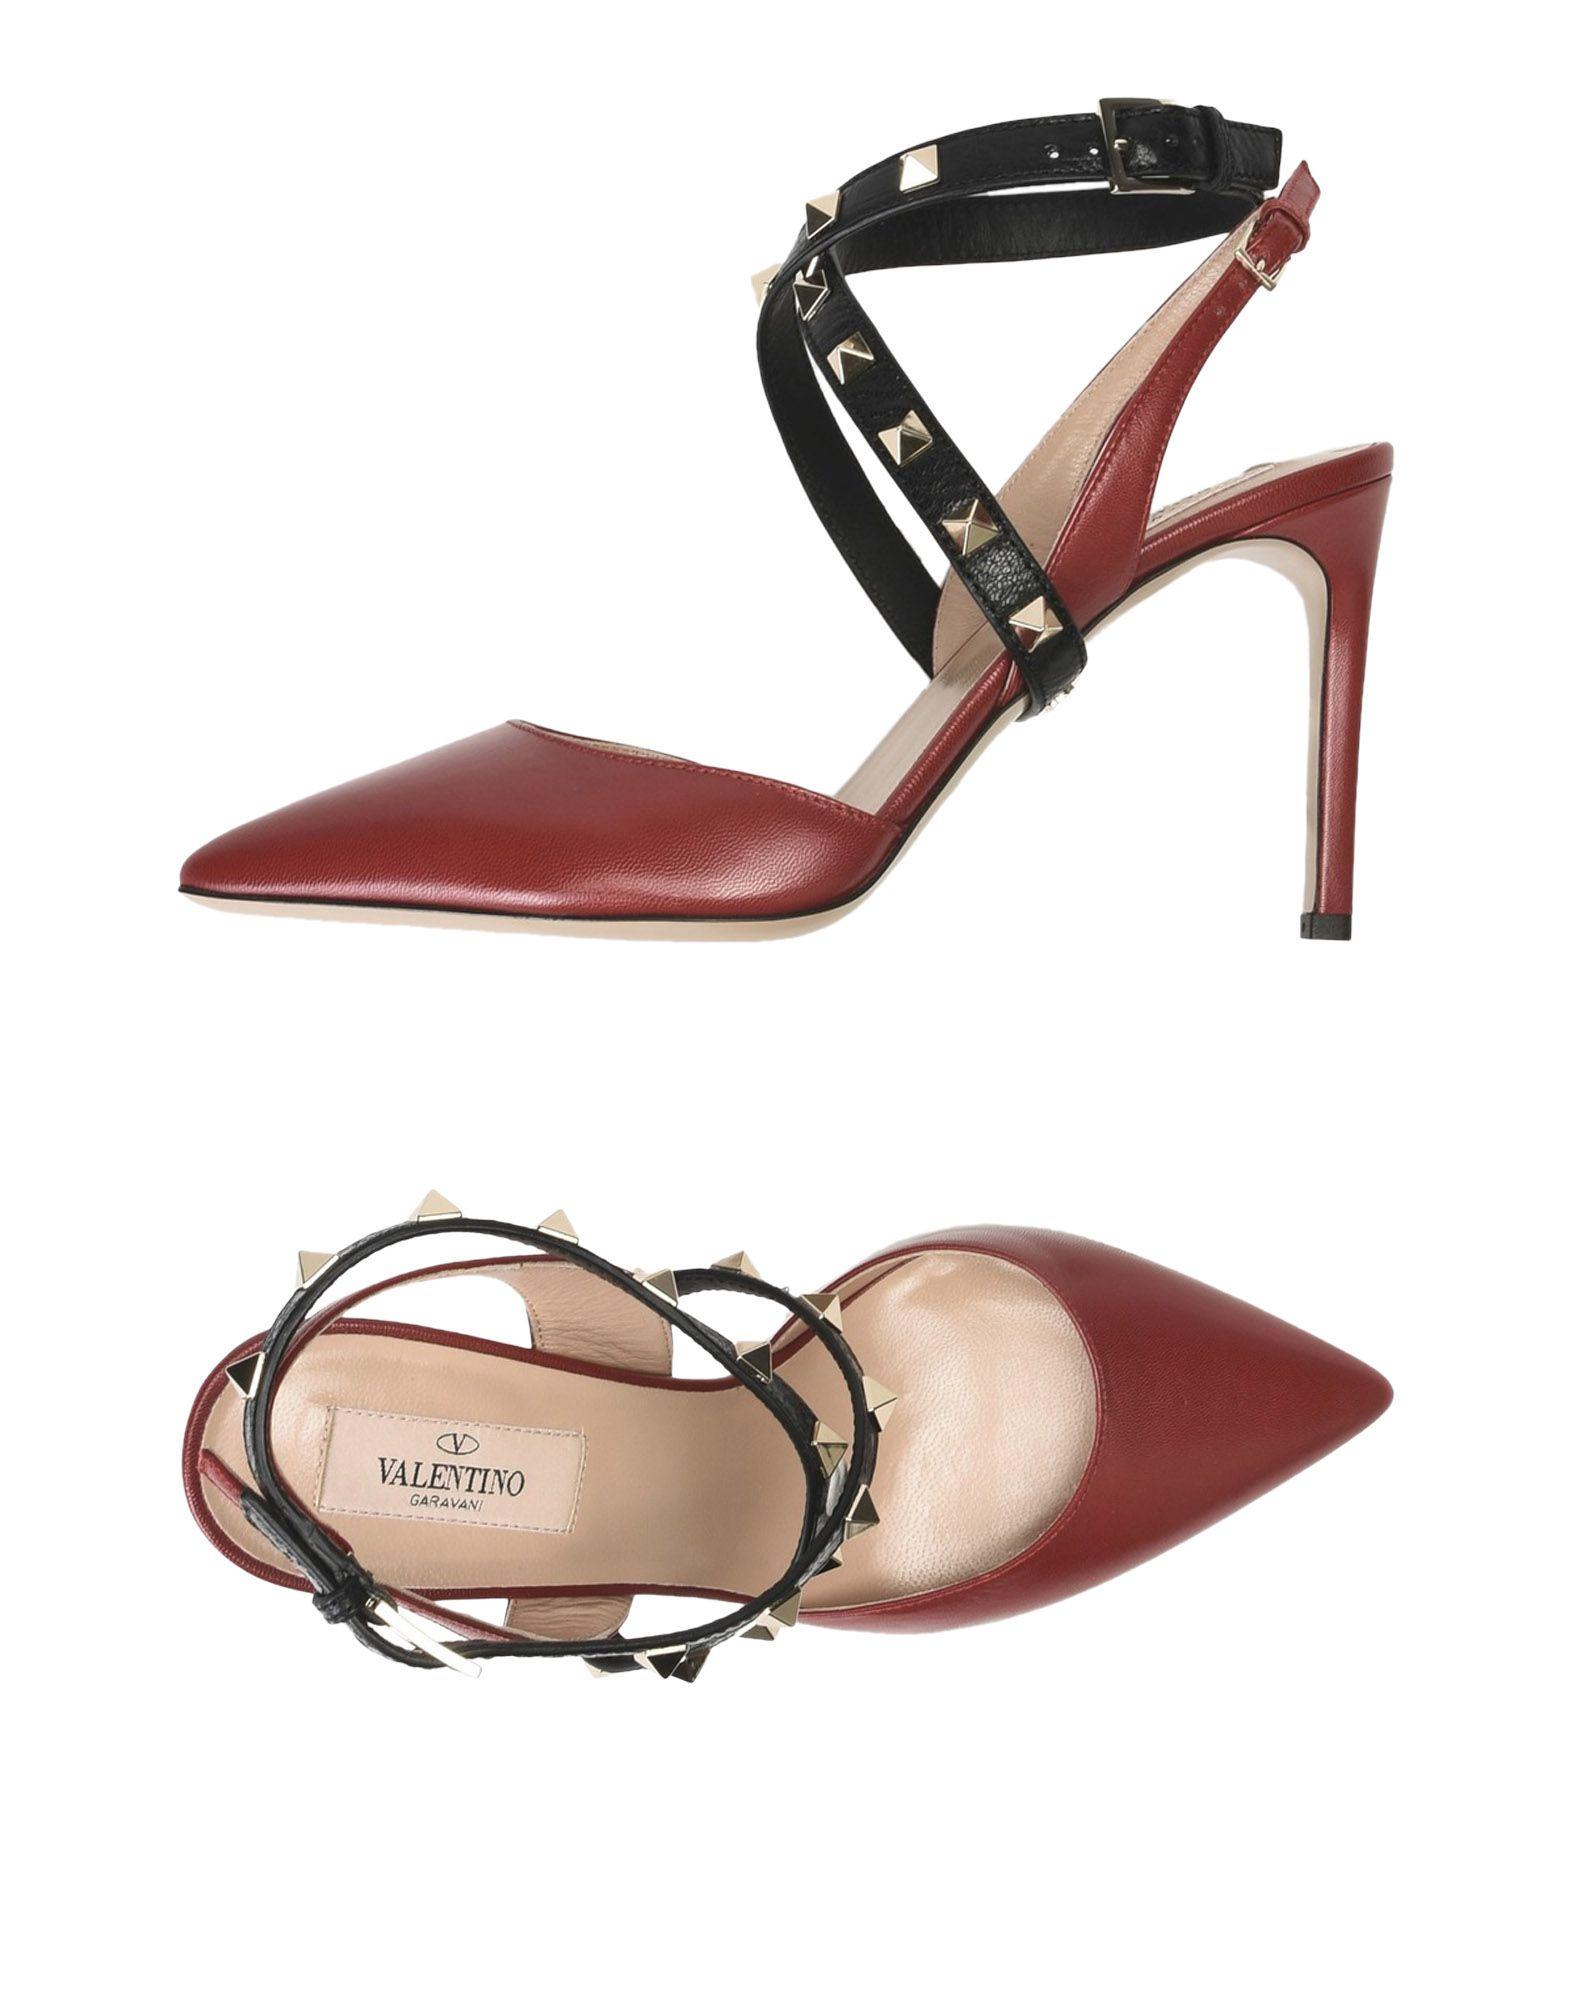 CELINE Sandalo con cinturino e tacco alto marrone scuro elegante Donna